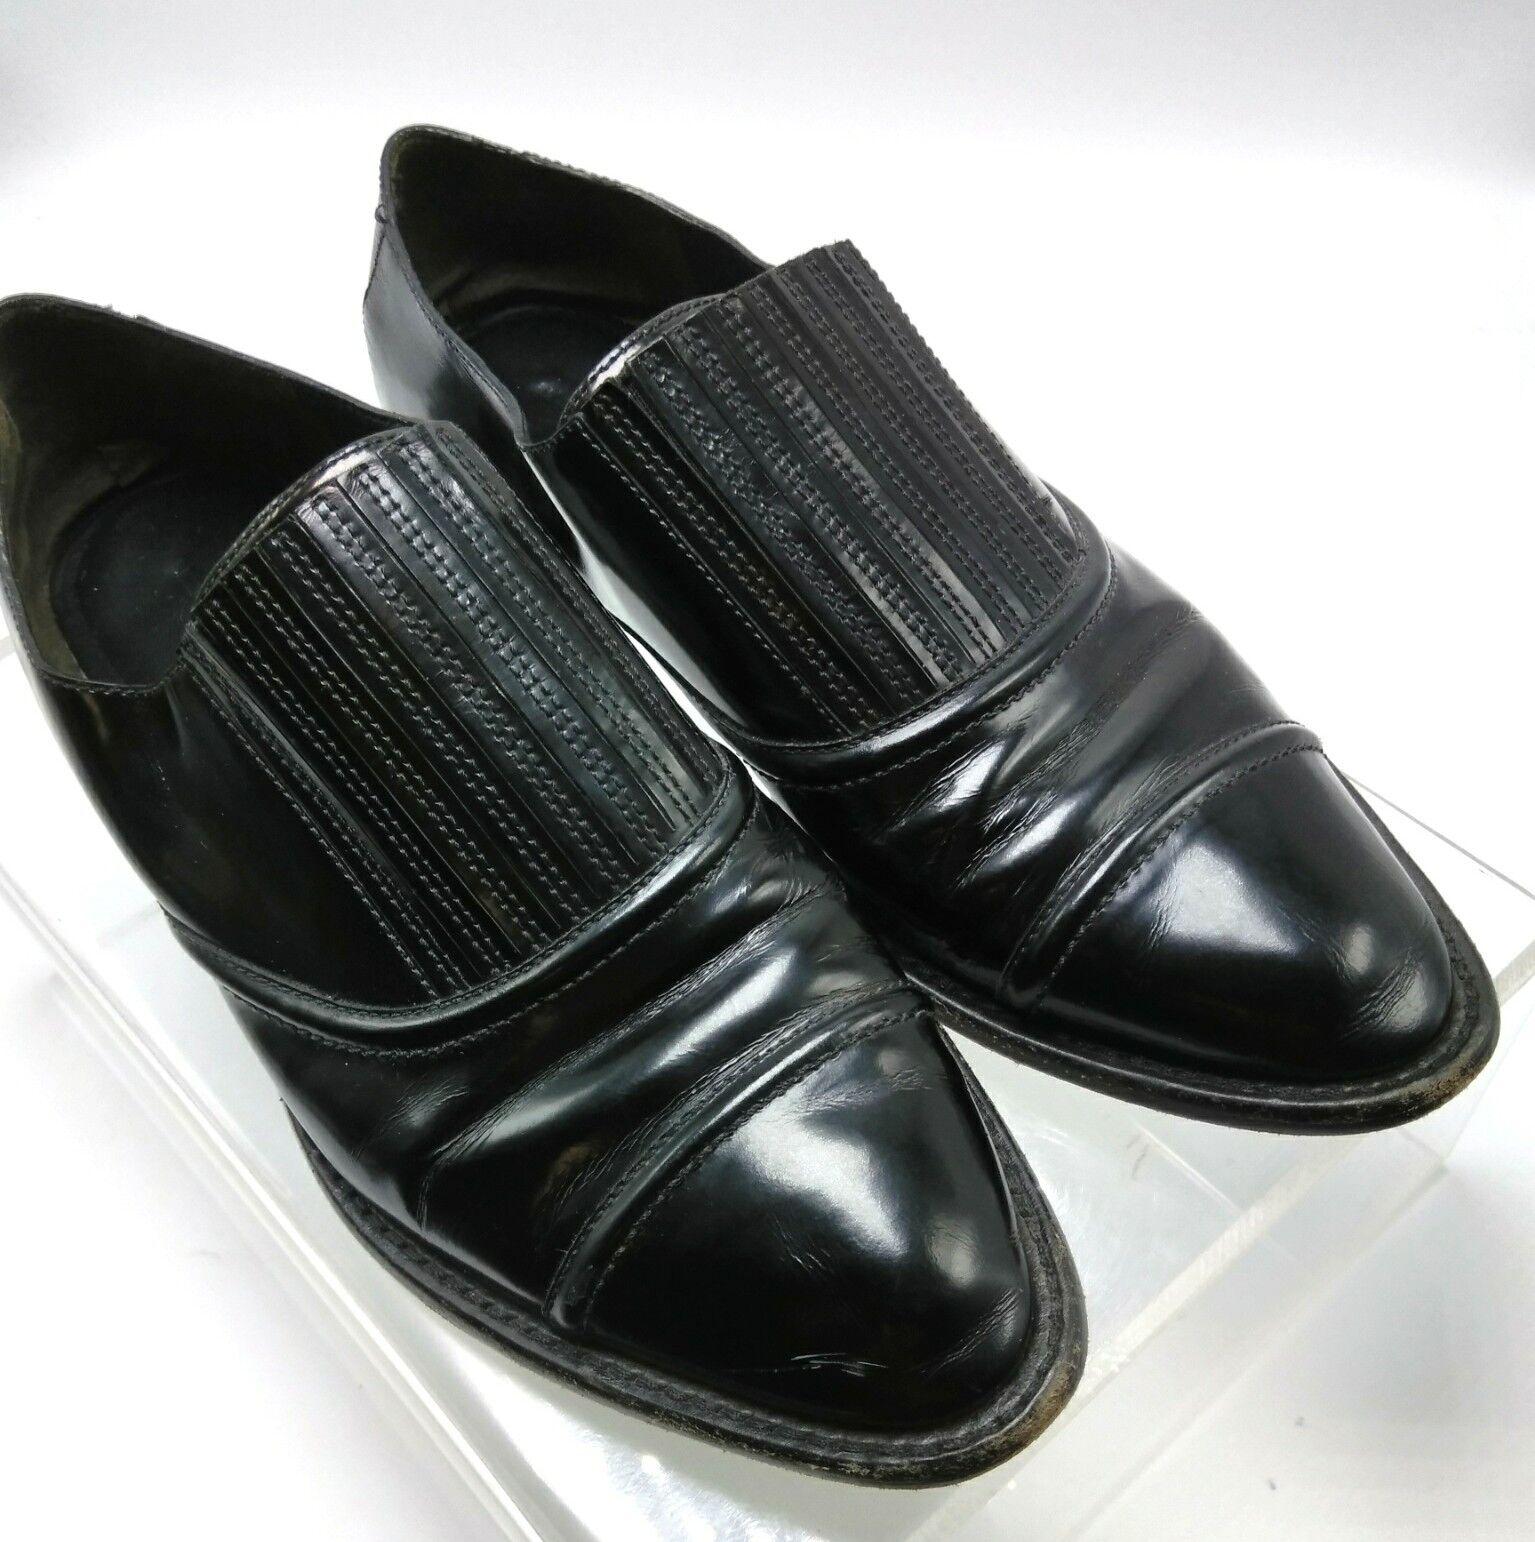 fino al 70% di sconto Alexander Wang - - - donna nero Leather Formal Dress Slip scarpe eur 39  risparmia fino al 70% di sconto